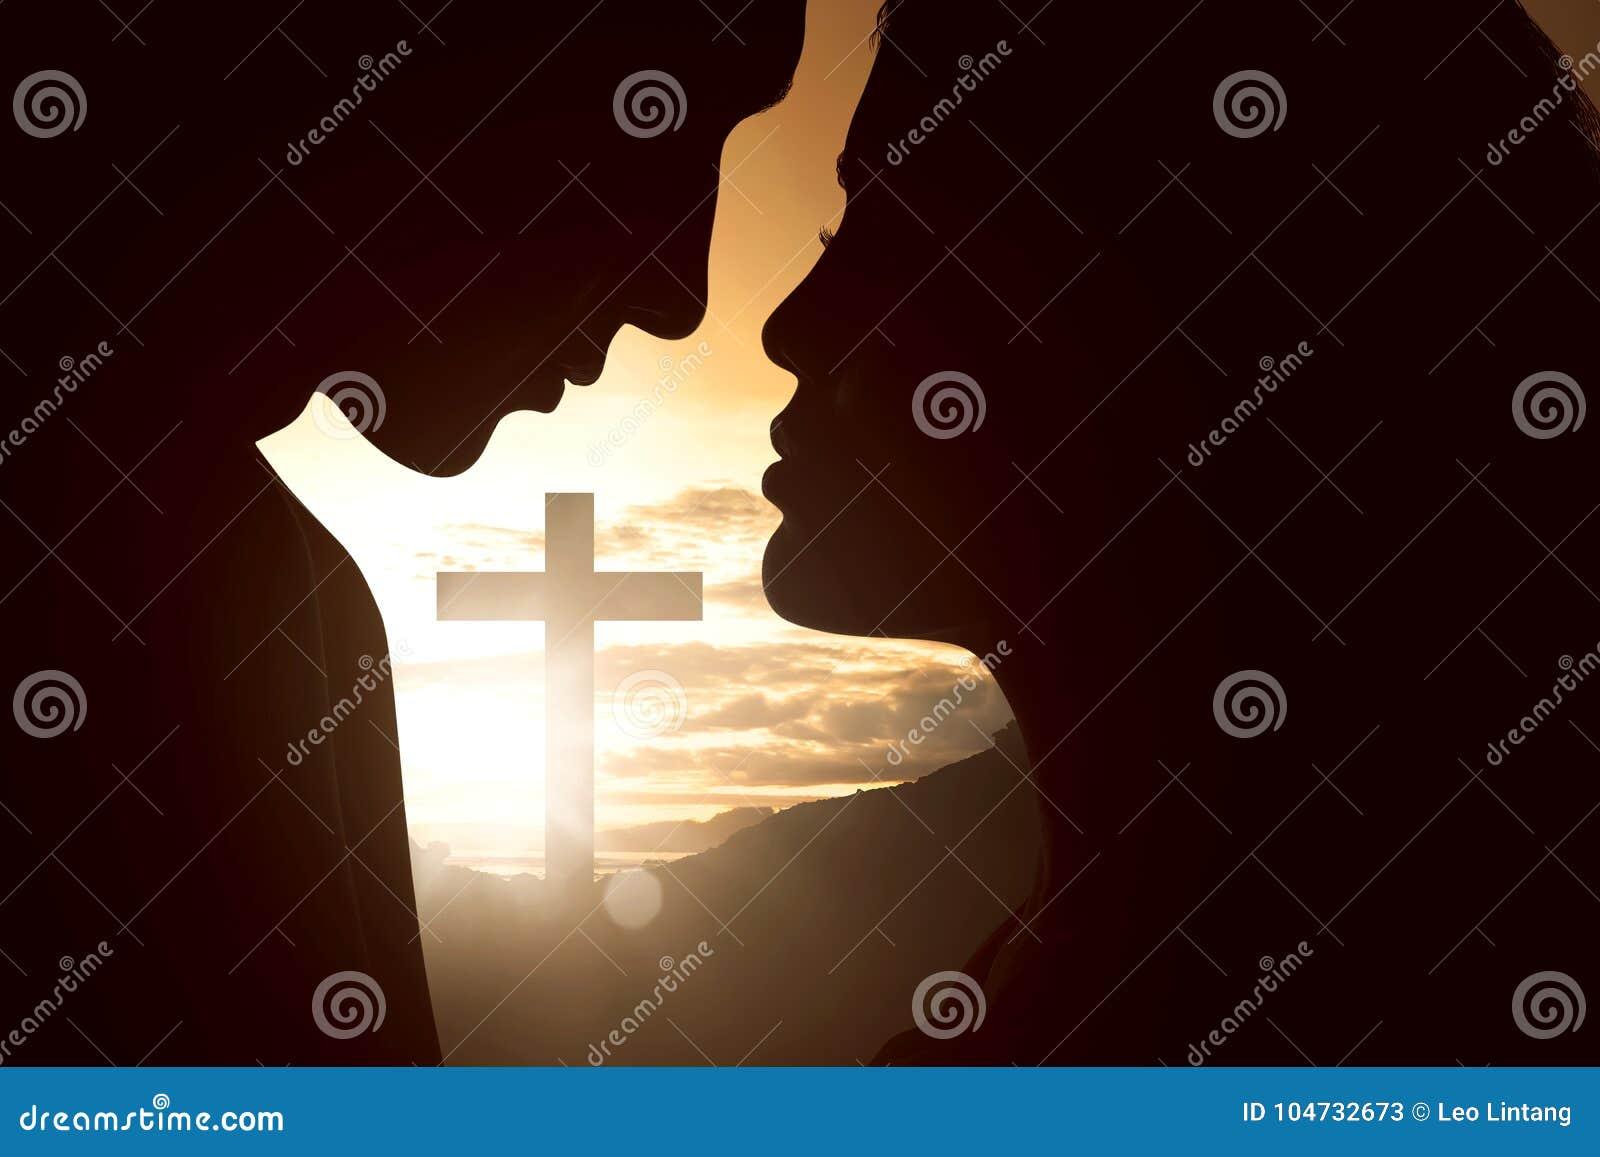 Konturn av barn kopplar ihop att se de med kristen